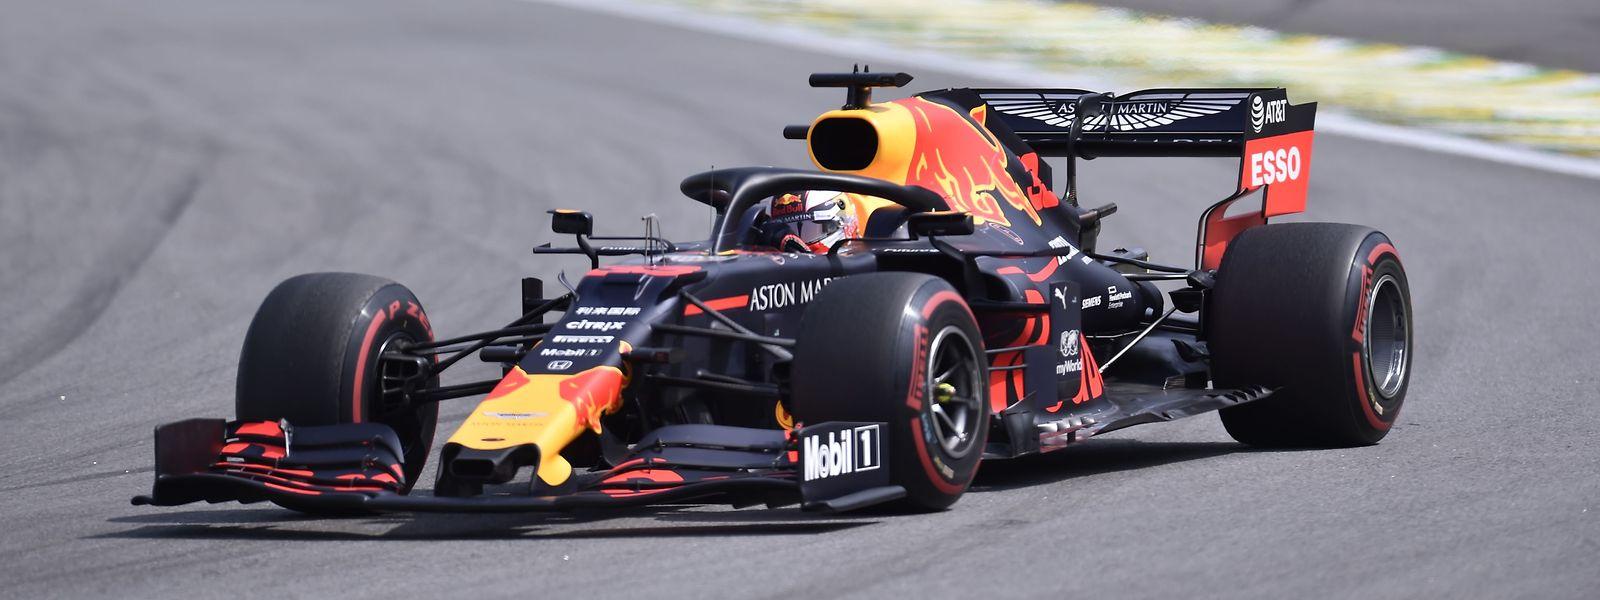 Max Verstappen war von der Poleposition ins Rennen gegangen.